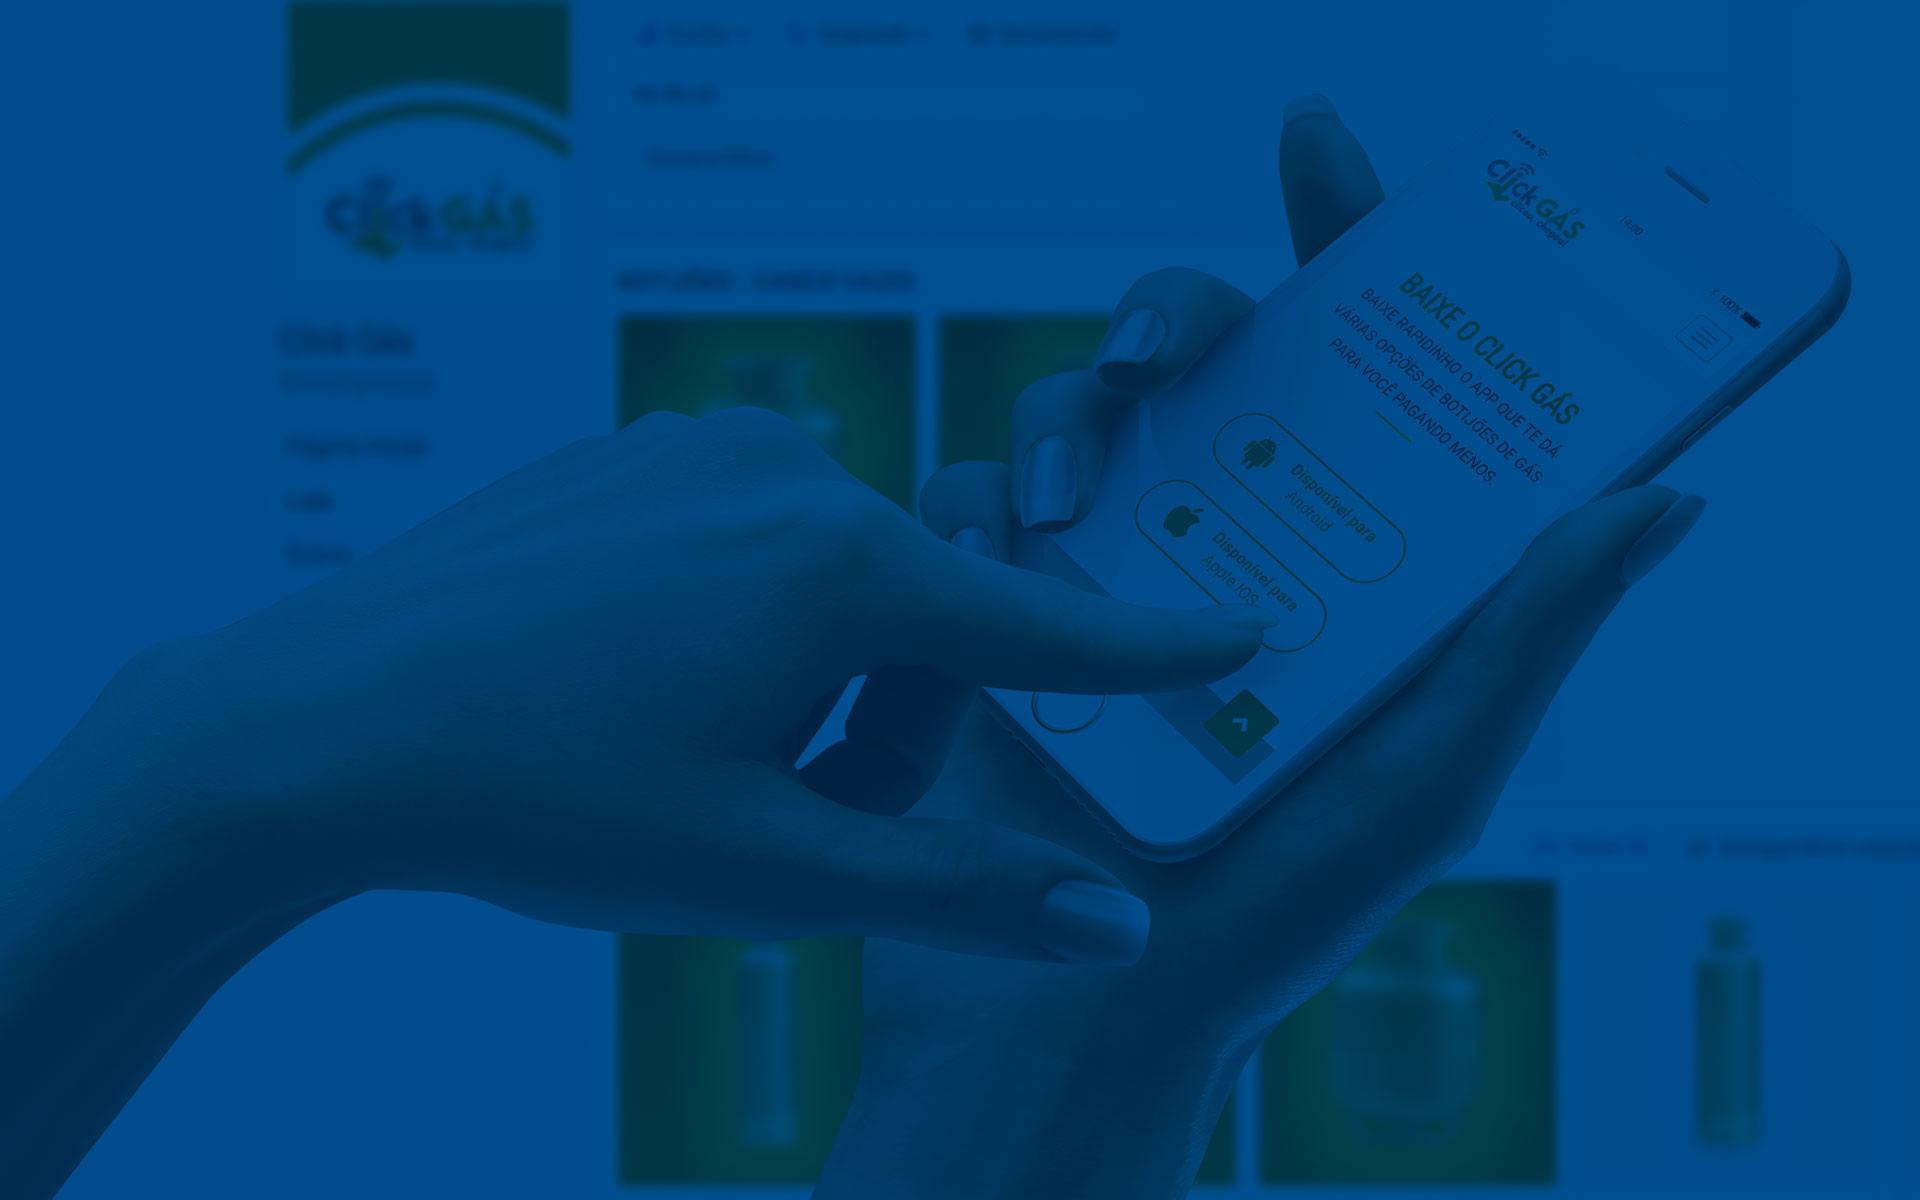 Sites otimizados com as palavras-chave do seu negócio.